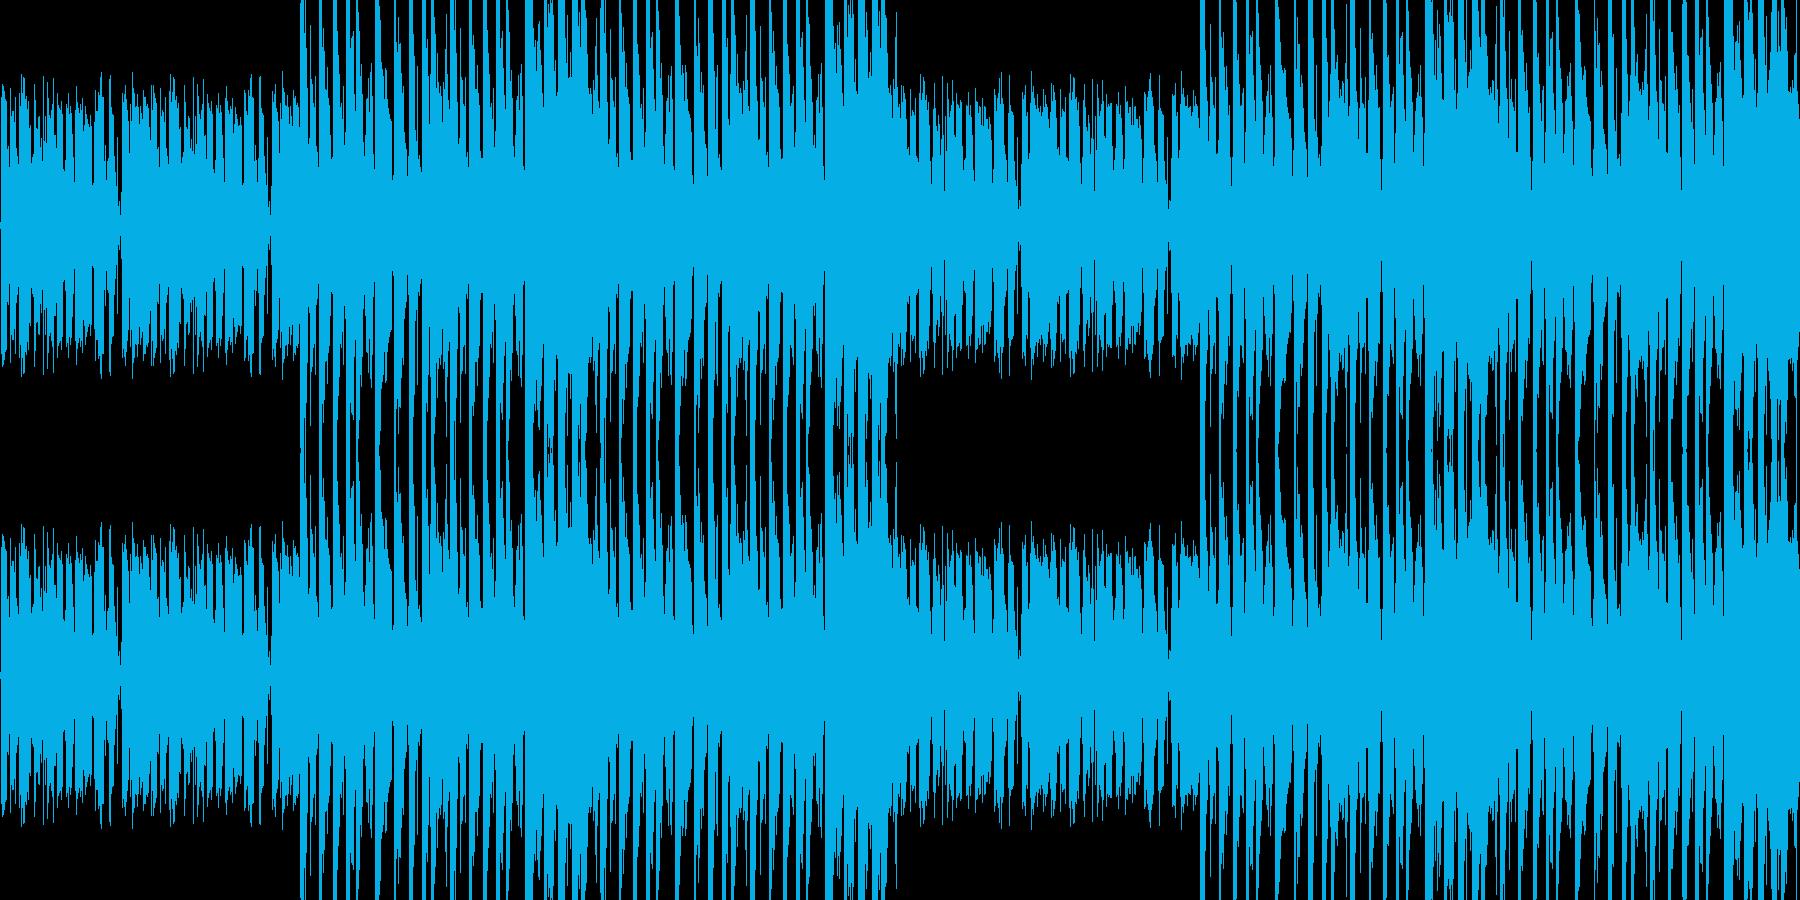 【様々なシーンで使えるギターロック】の再生済みの波形